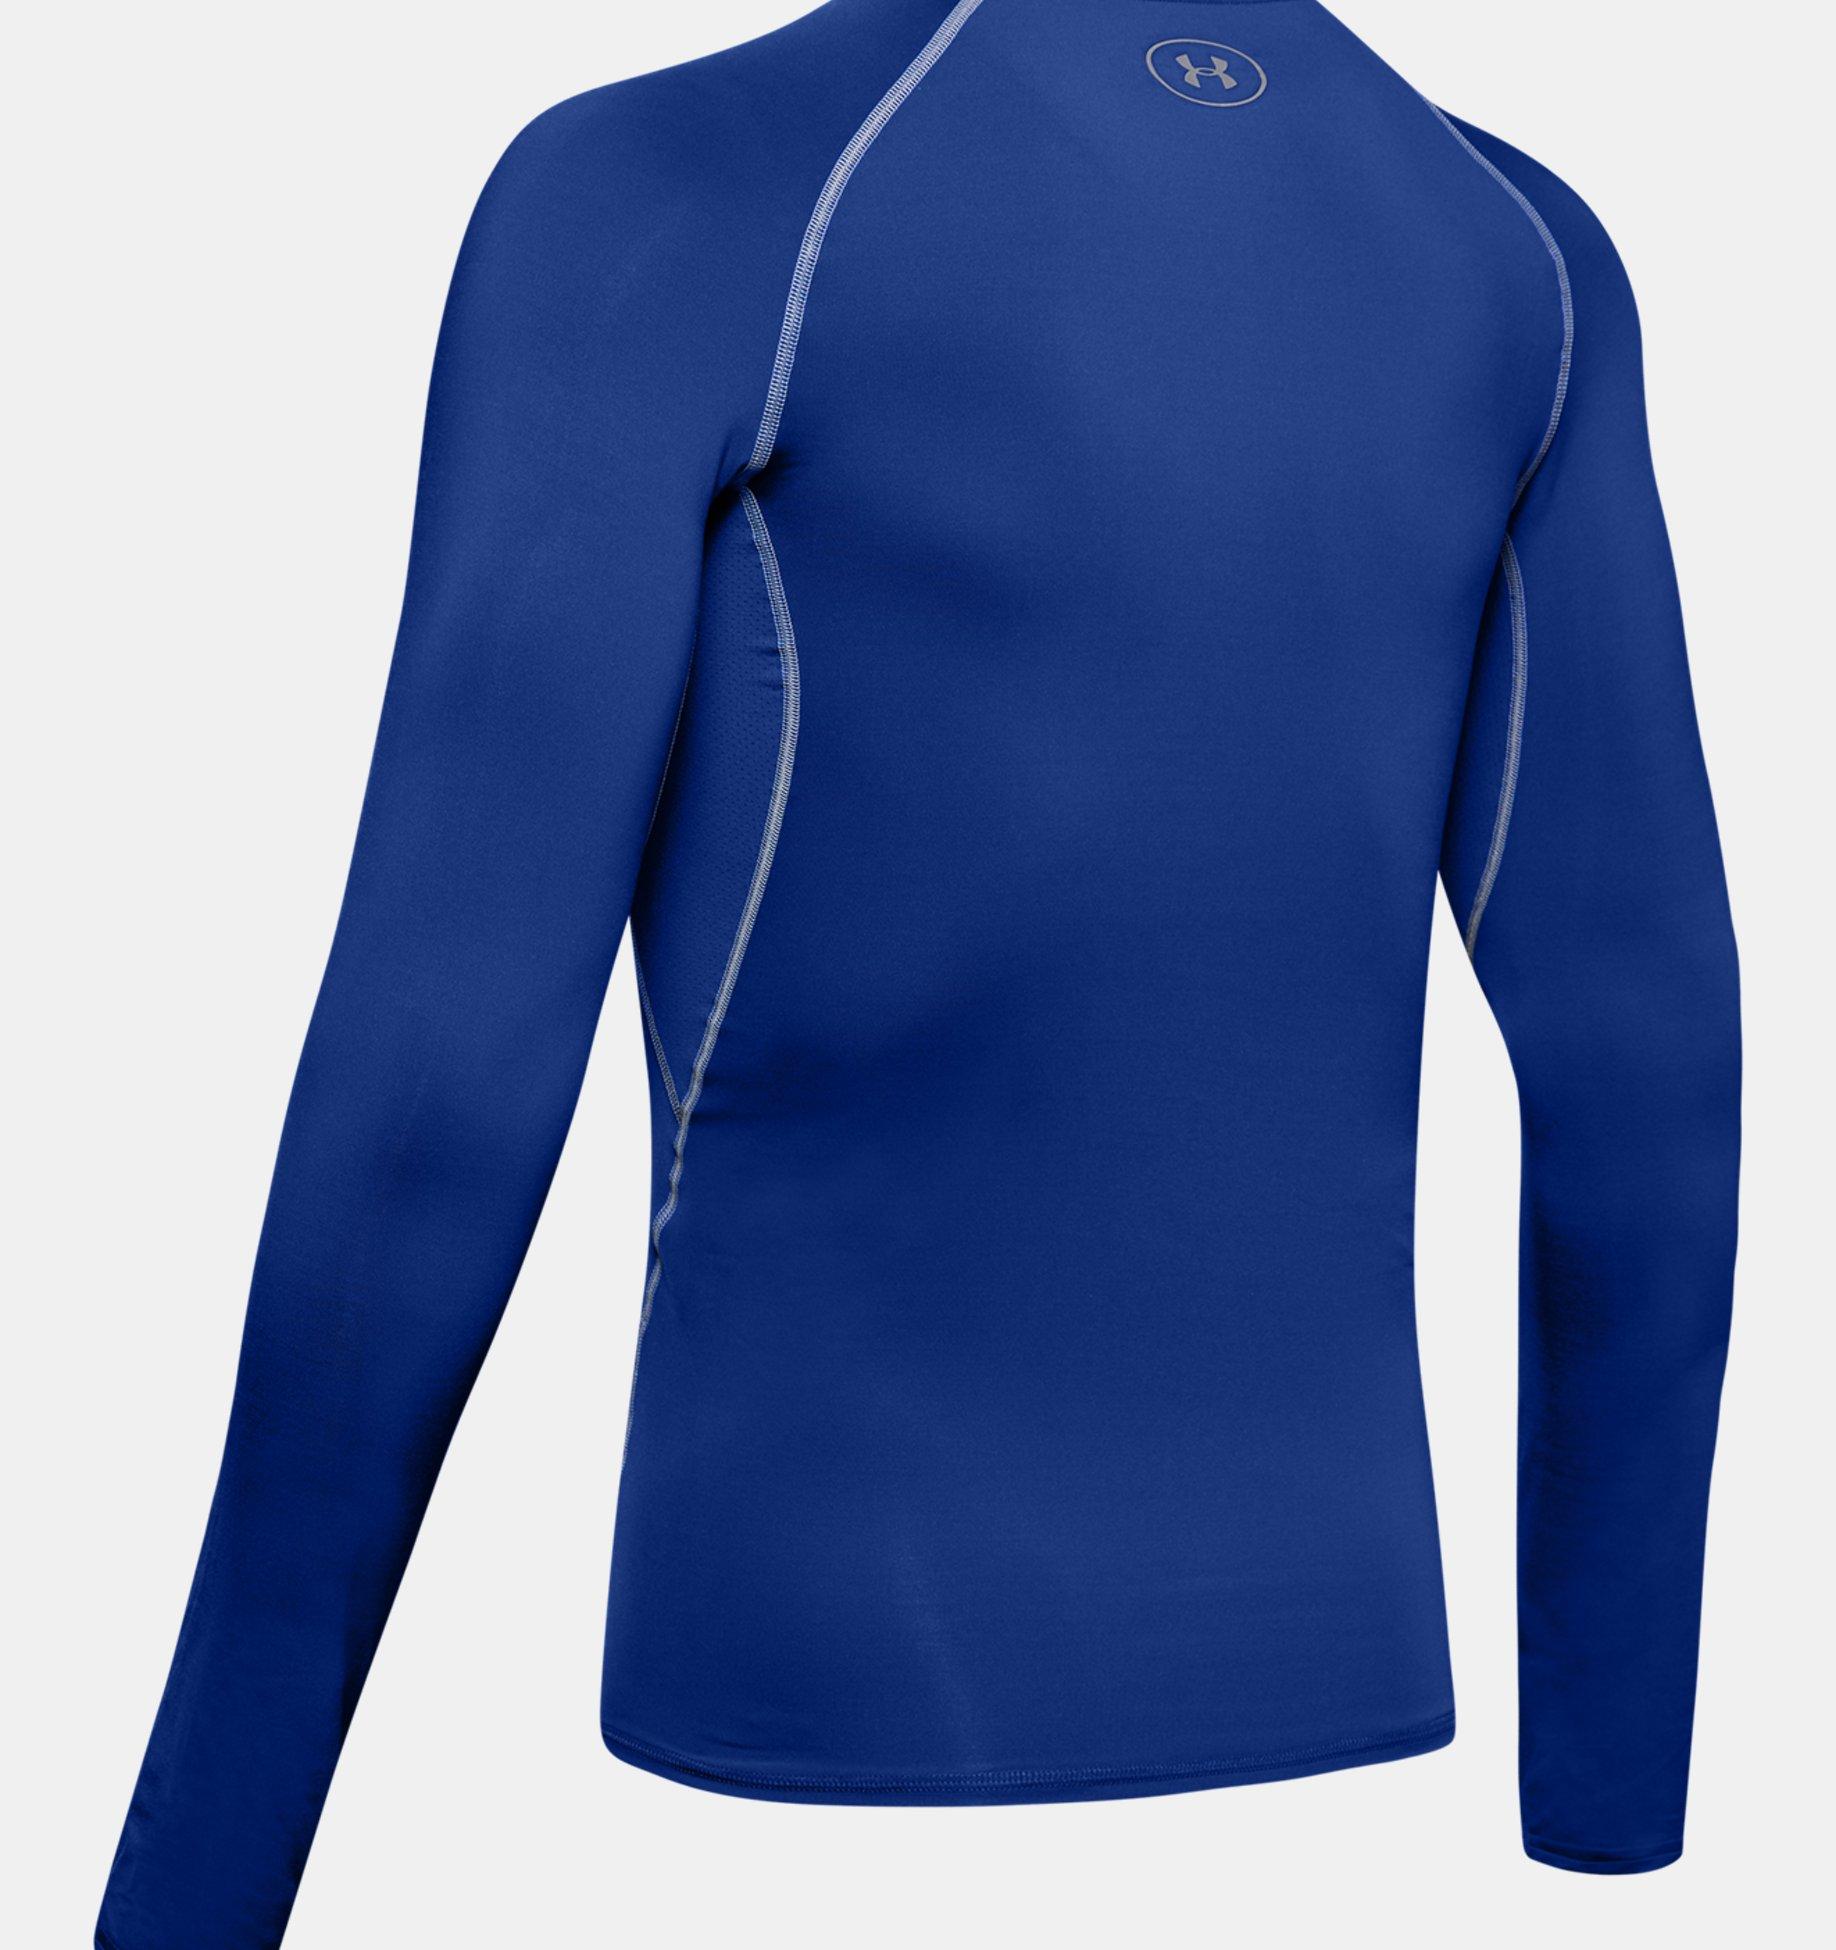 Presidente deshonesto Consistente  Men's UA HeatGear® Armour Long Sleeve Compression Shirt | Under Armour